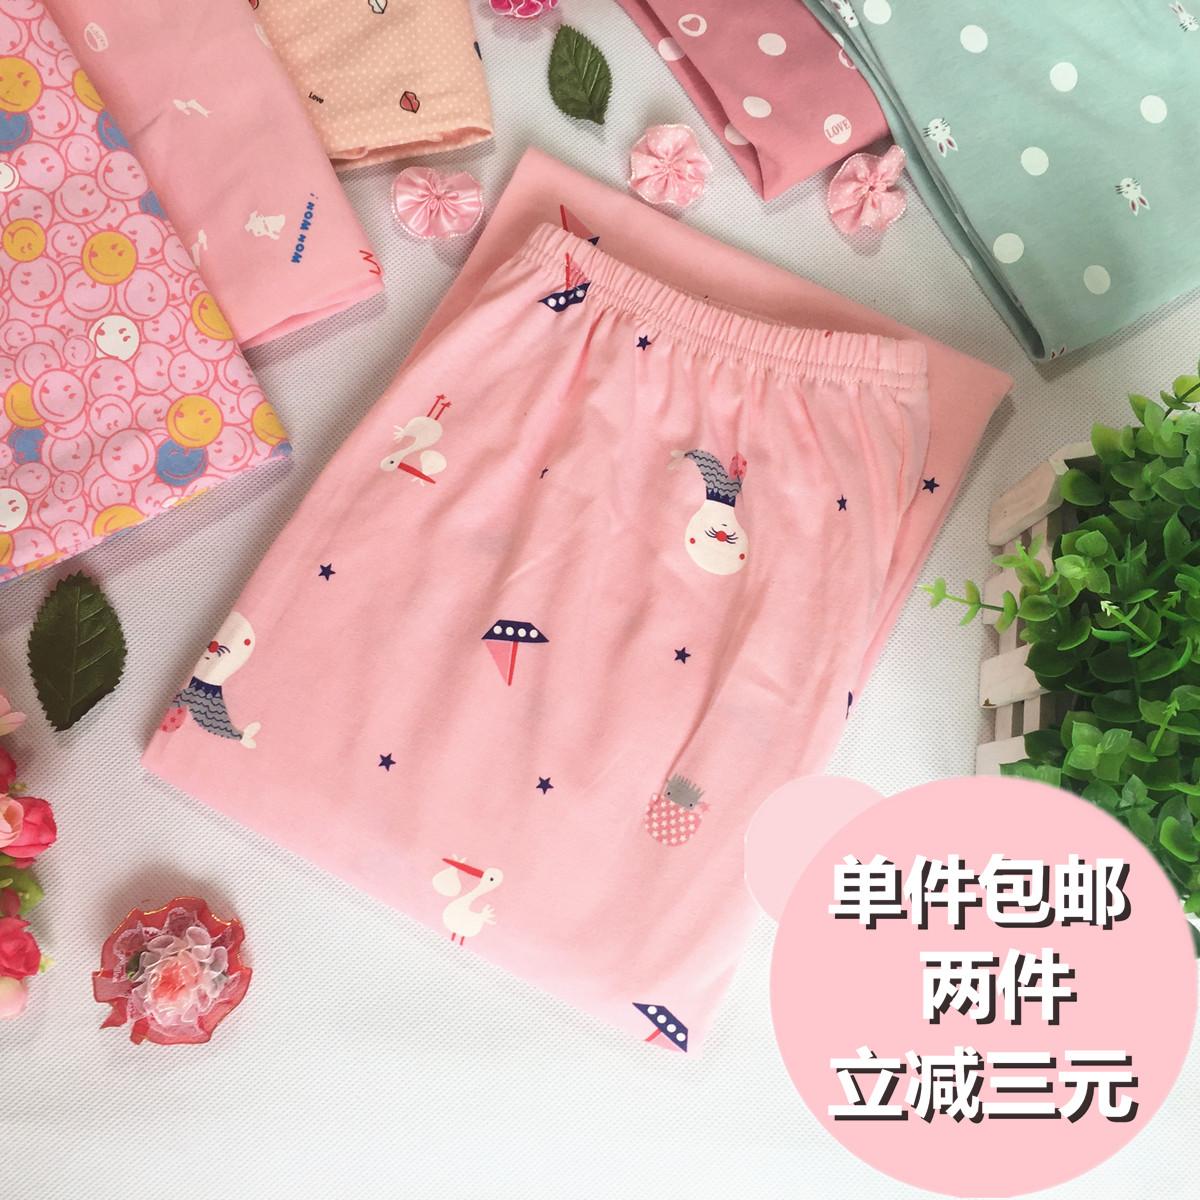 特价春夏秋季女士针织纯棉长裤大码厚款薄款空调卡通睡裤月子可穿